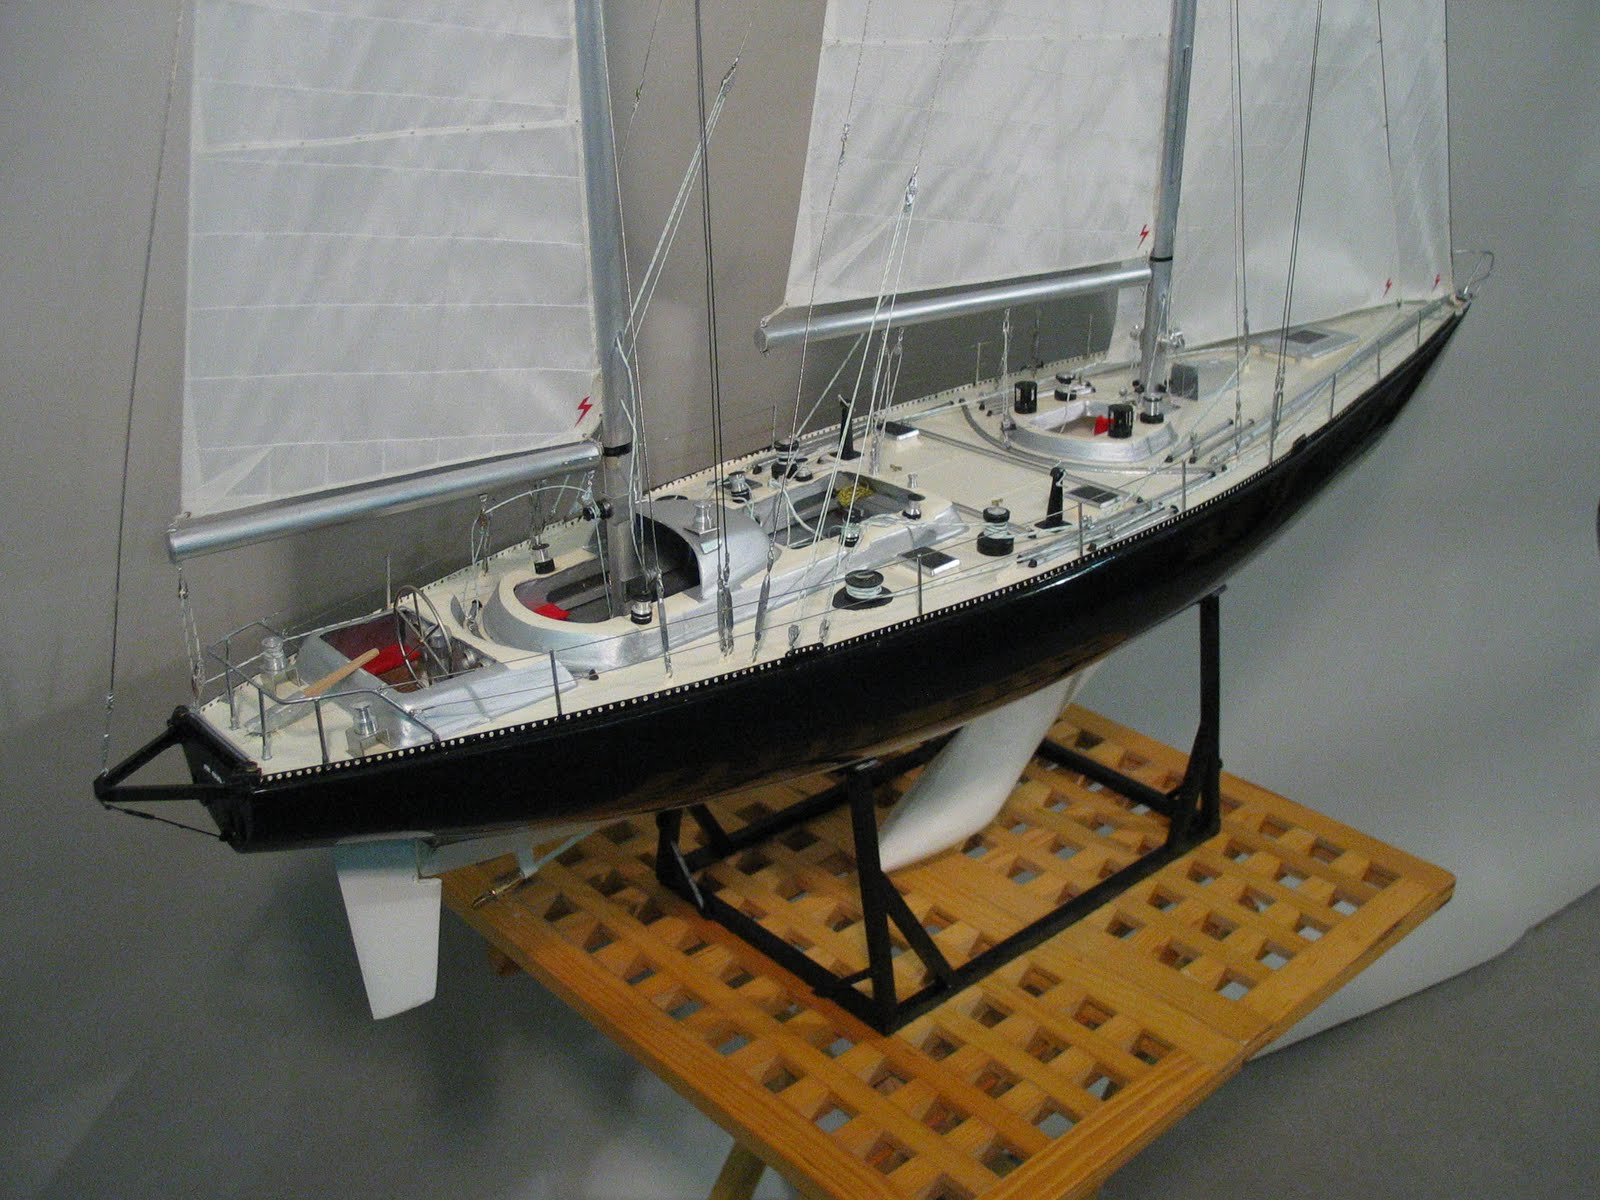 maquettes de voiliers mini marine pen duick vi. Black Bedroom Furniture Sets. Home Design Ideas